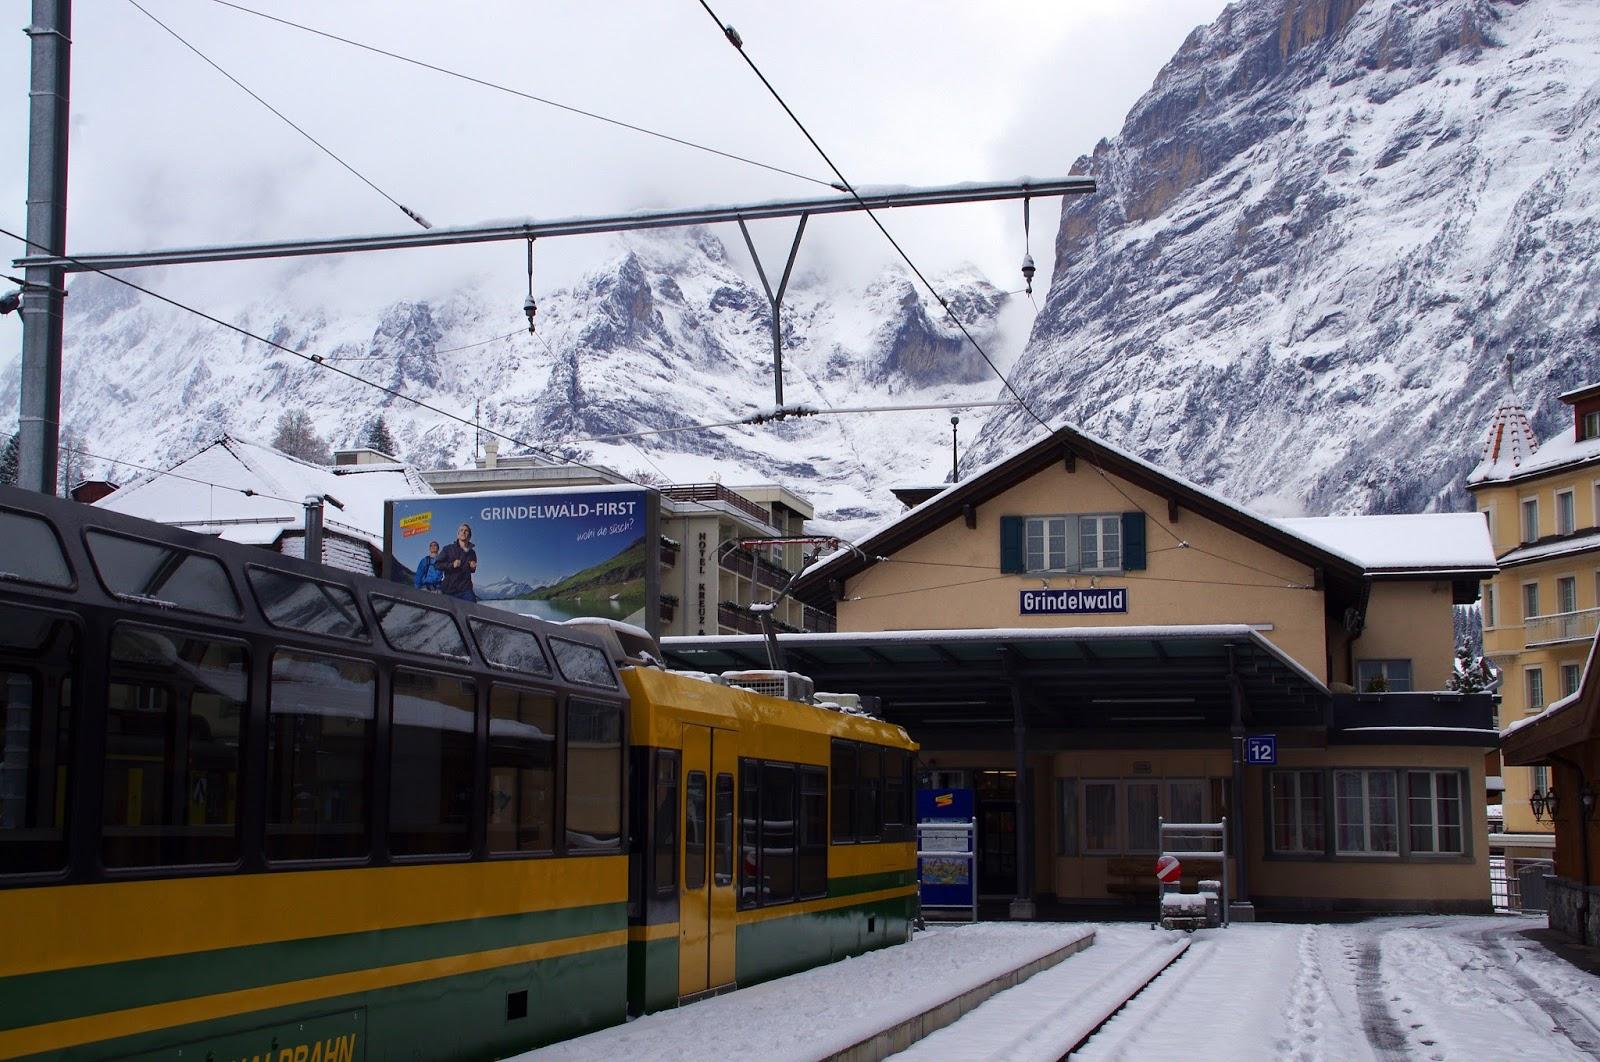 Grindelwald Train Station